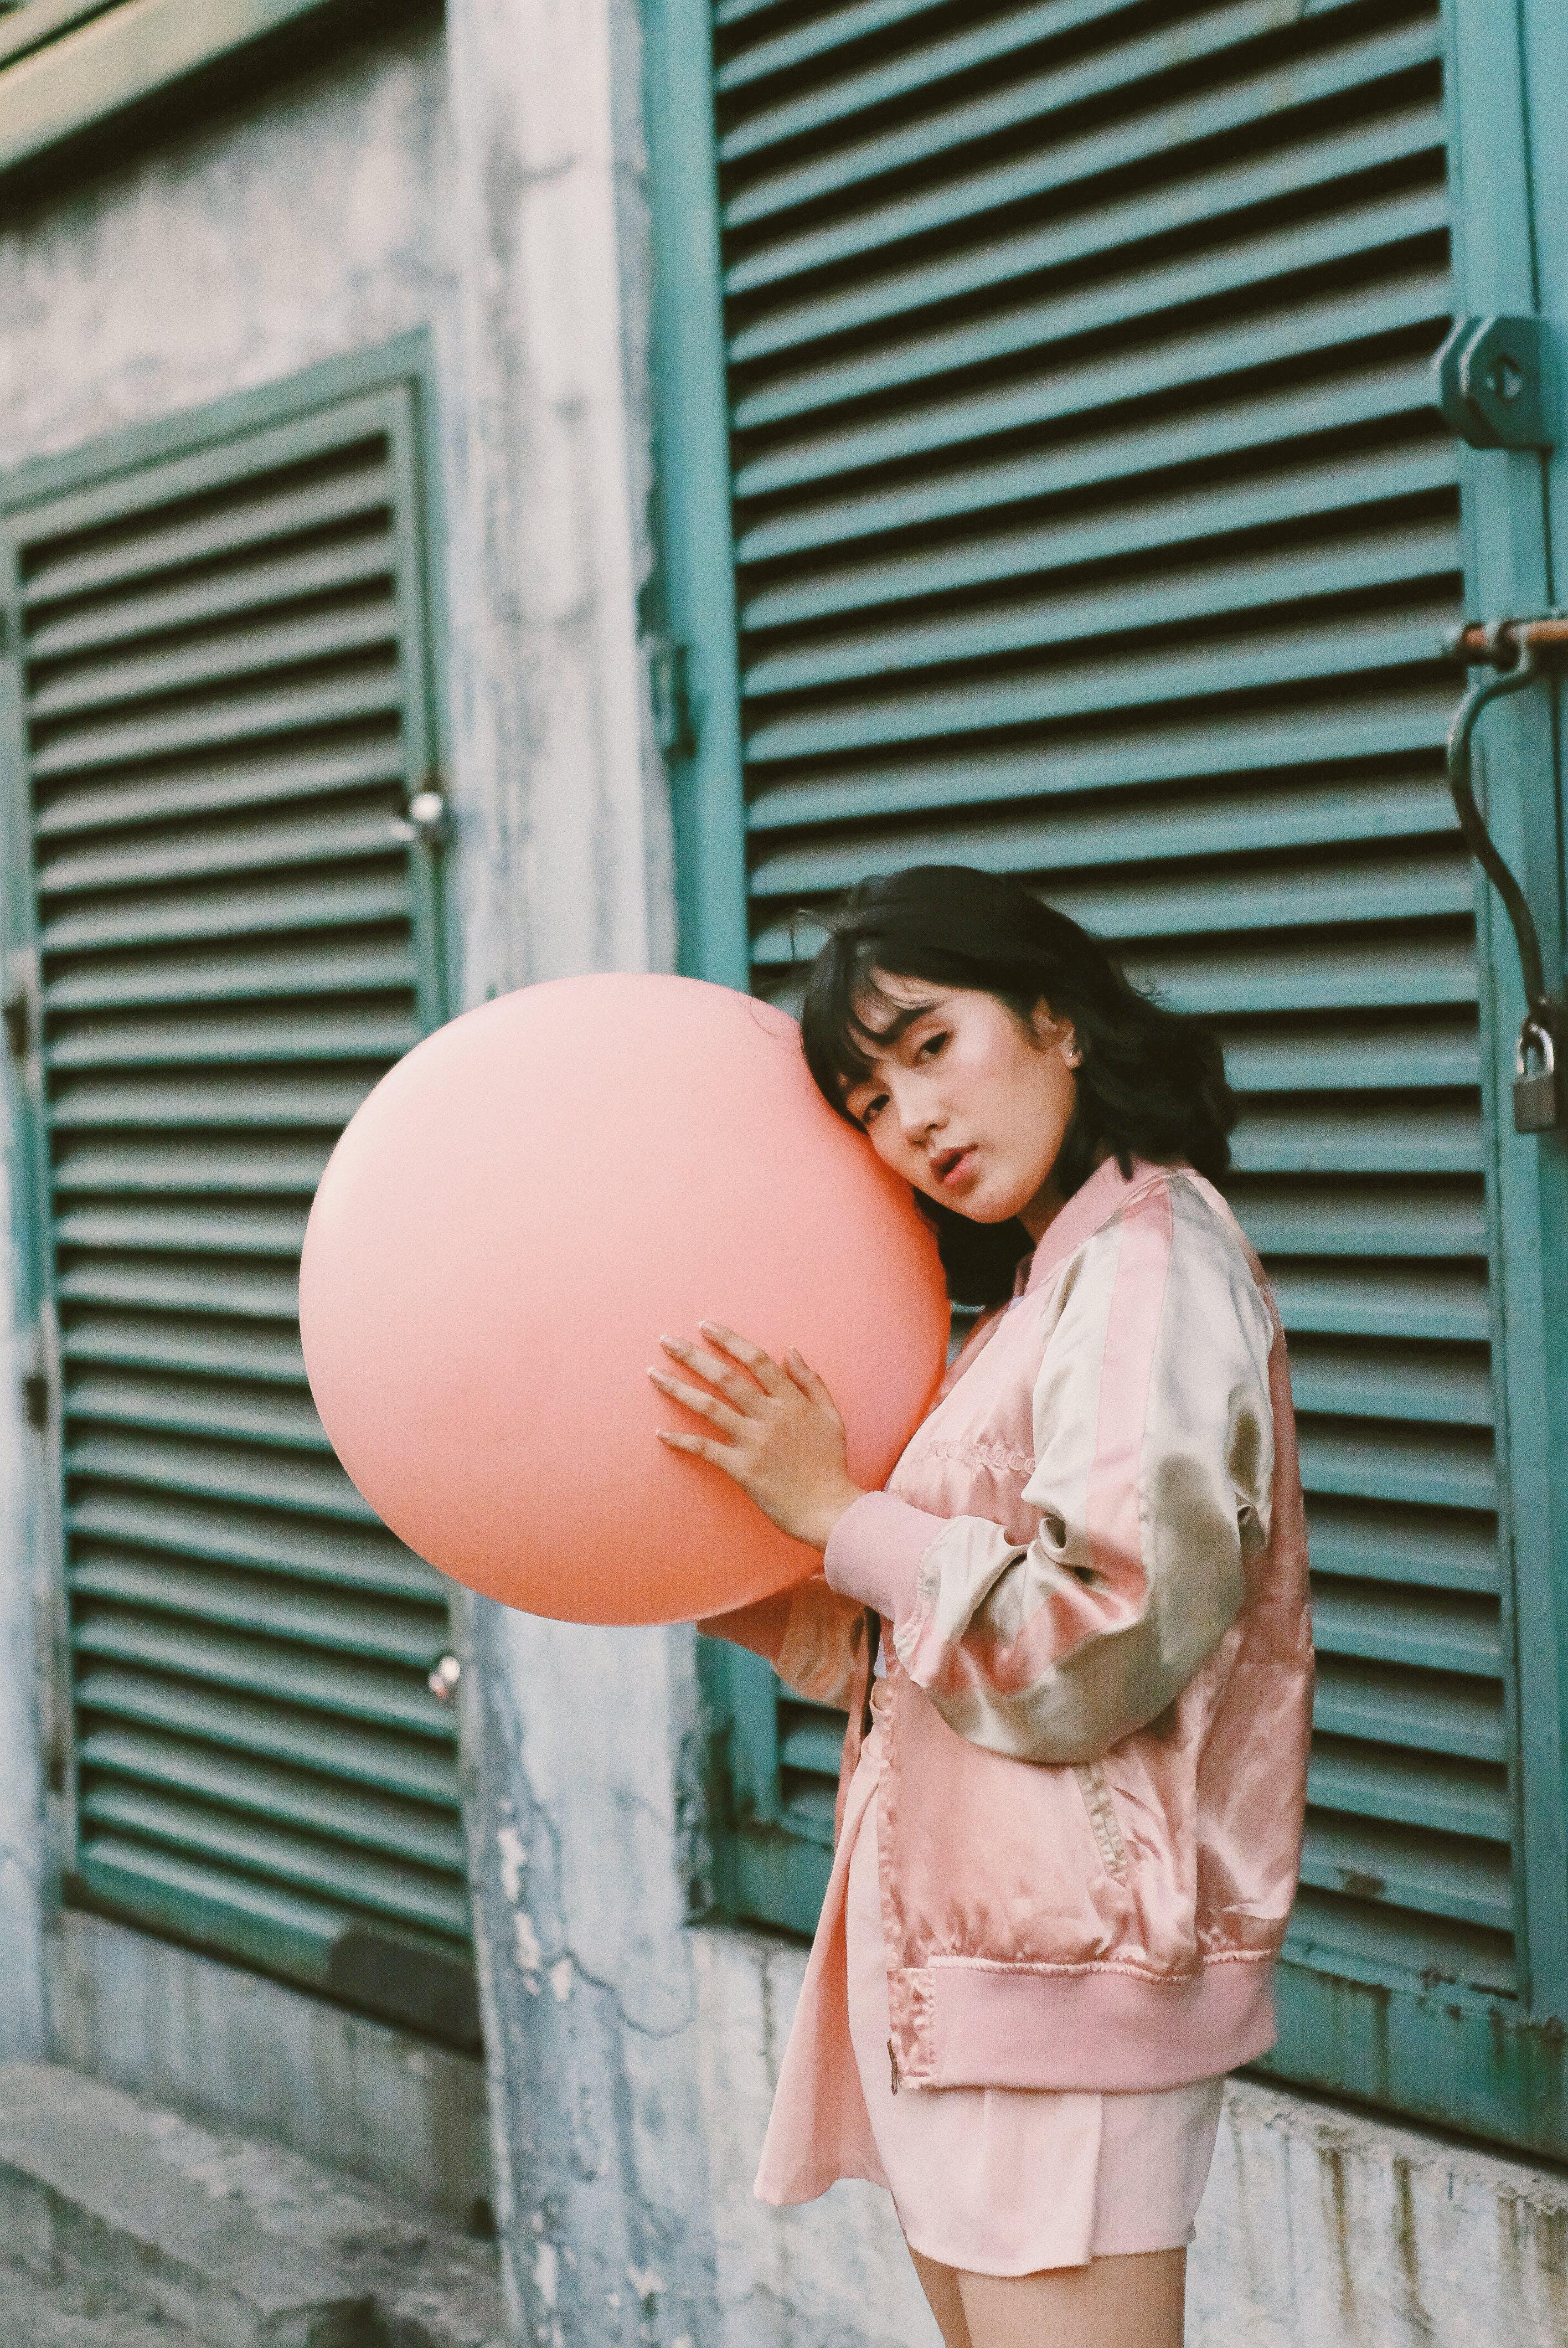 きれいな女性, アジアの女性, アダルト, カジュアルの無料の写真素材